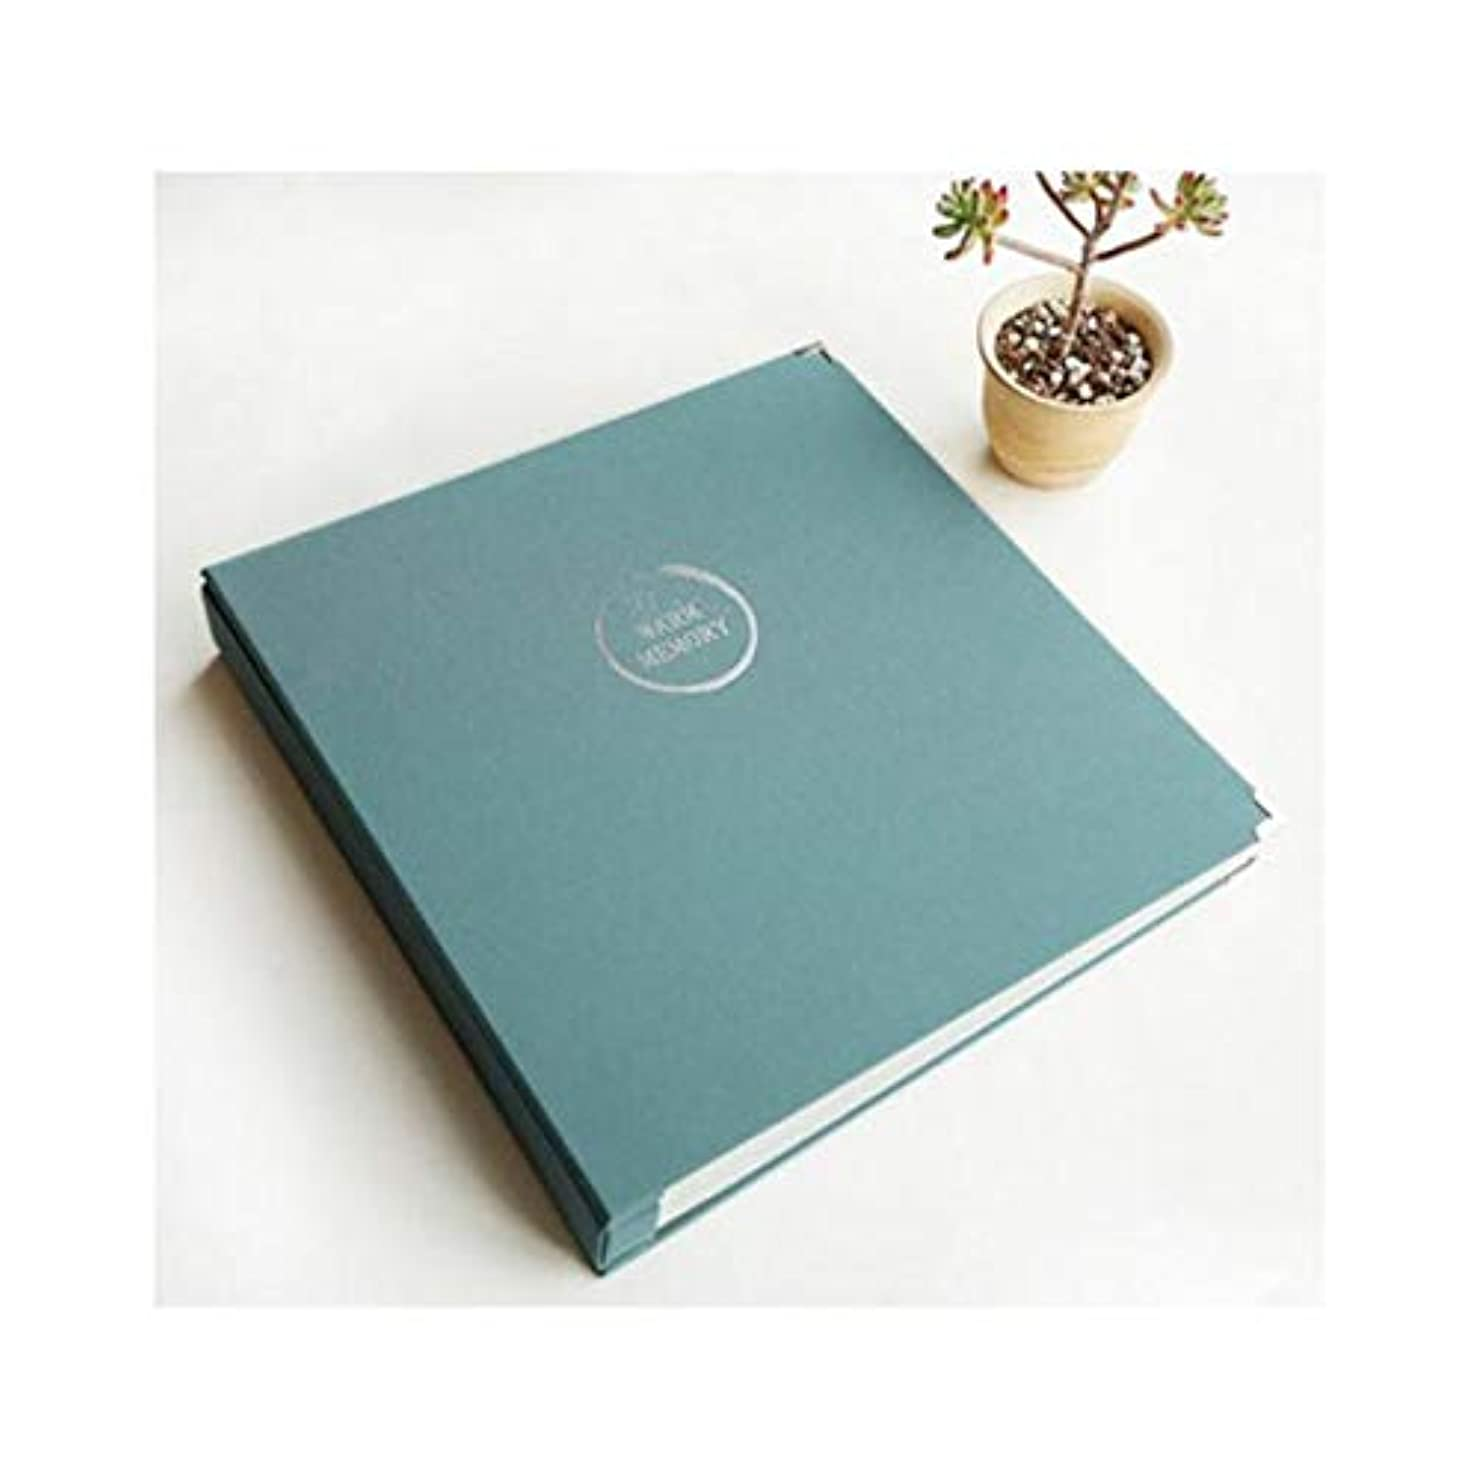 交流する雪マナーHANGQINGHENG 6インチ7インチ8インチ10インチ混合シンプル、新鮮、格子間の家族のフォトアルバム、アルバムの大、大容量の5インチ (Color : Light Blue)